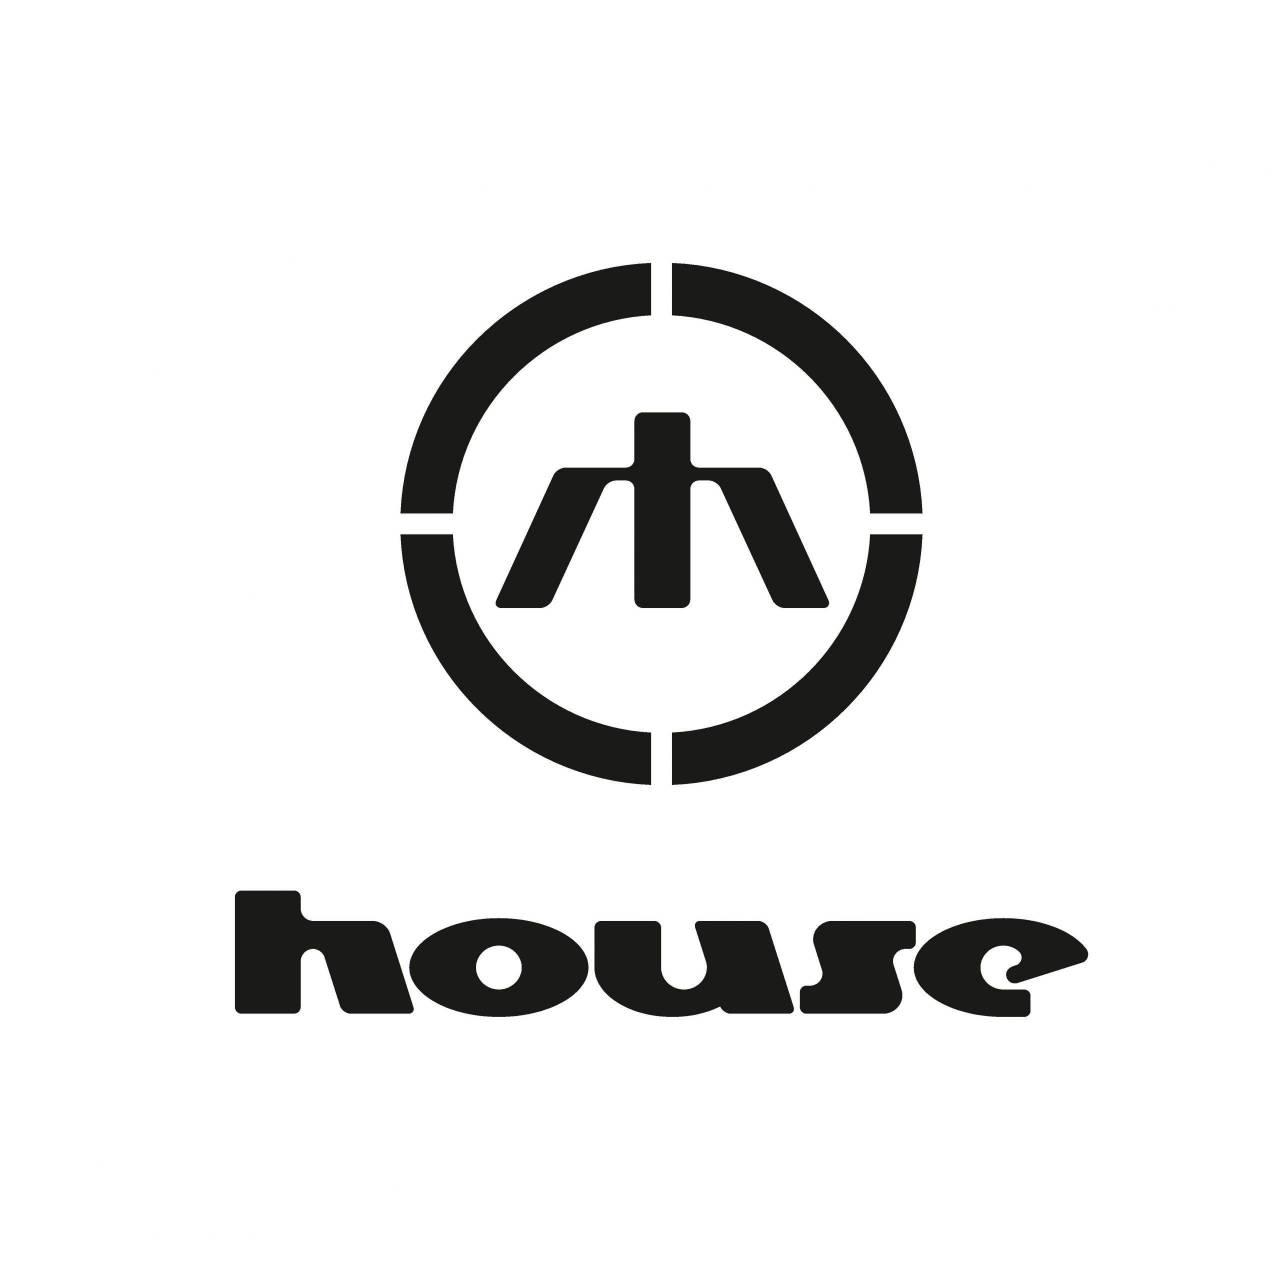 Brandurile prezente in DambvitaMall 20-10-27 -  House combină ultimele tendințe din lumea modei cu street style-ul. Articolele House sunt casual, oferind un look îndrăzneț, un mix între articole simple și piese statement.  În colecțiile sale, brandul se inspiră din muzica pop, artă, cultură contemporană și tendințele din social media. House te încurajează să nu iei moda prea în serios, să nu urmezi reguli și să te joci cu articolele vestimentare exact așa cum simți!